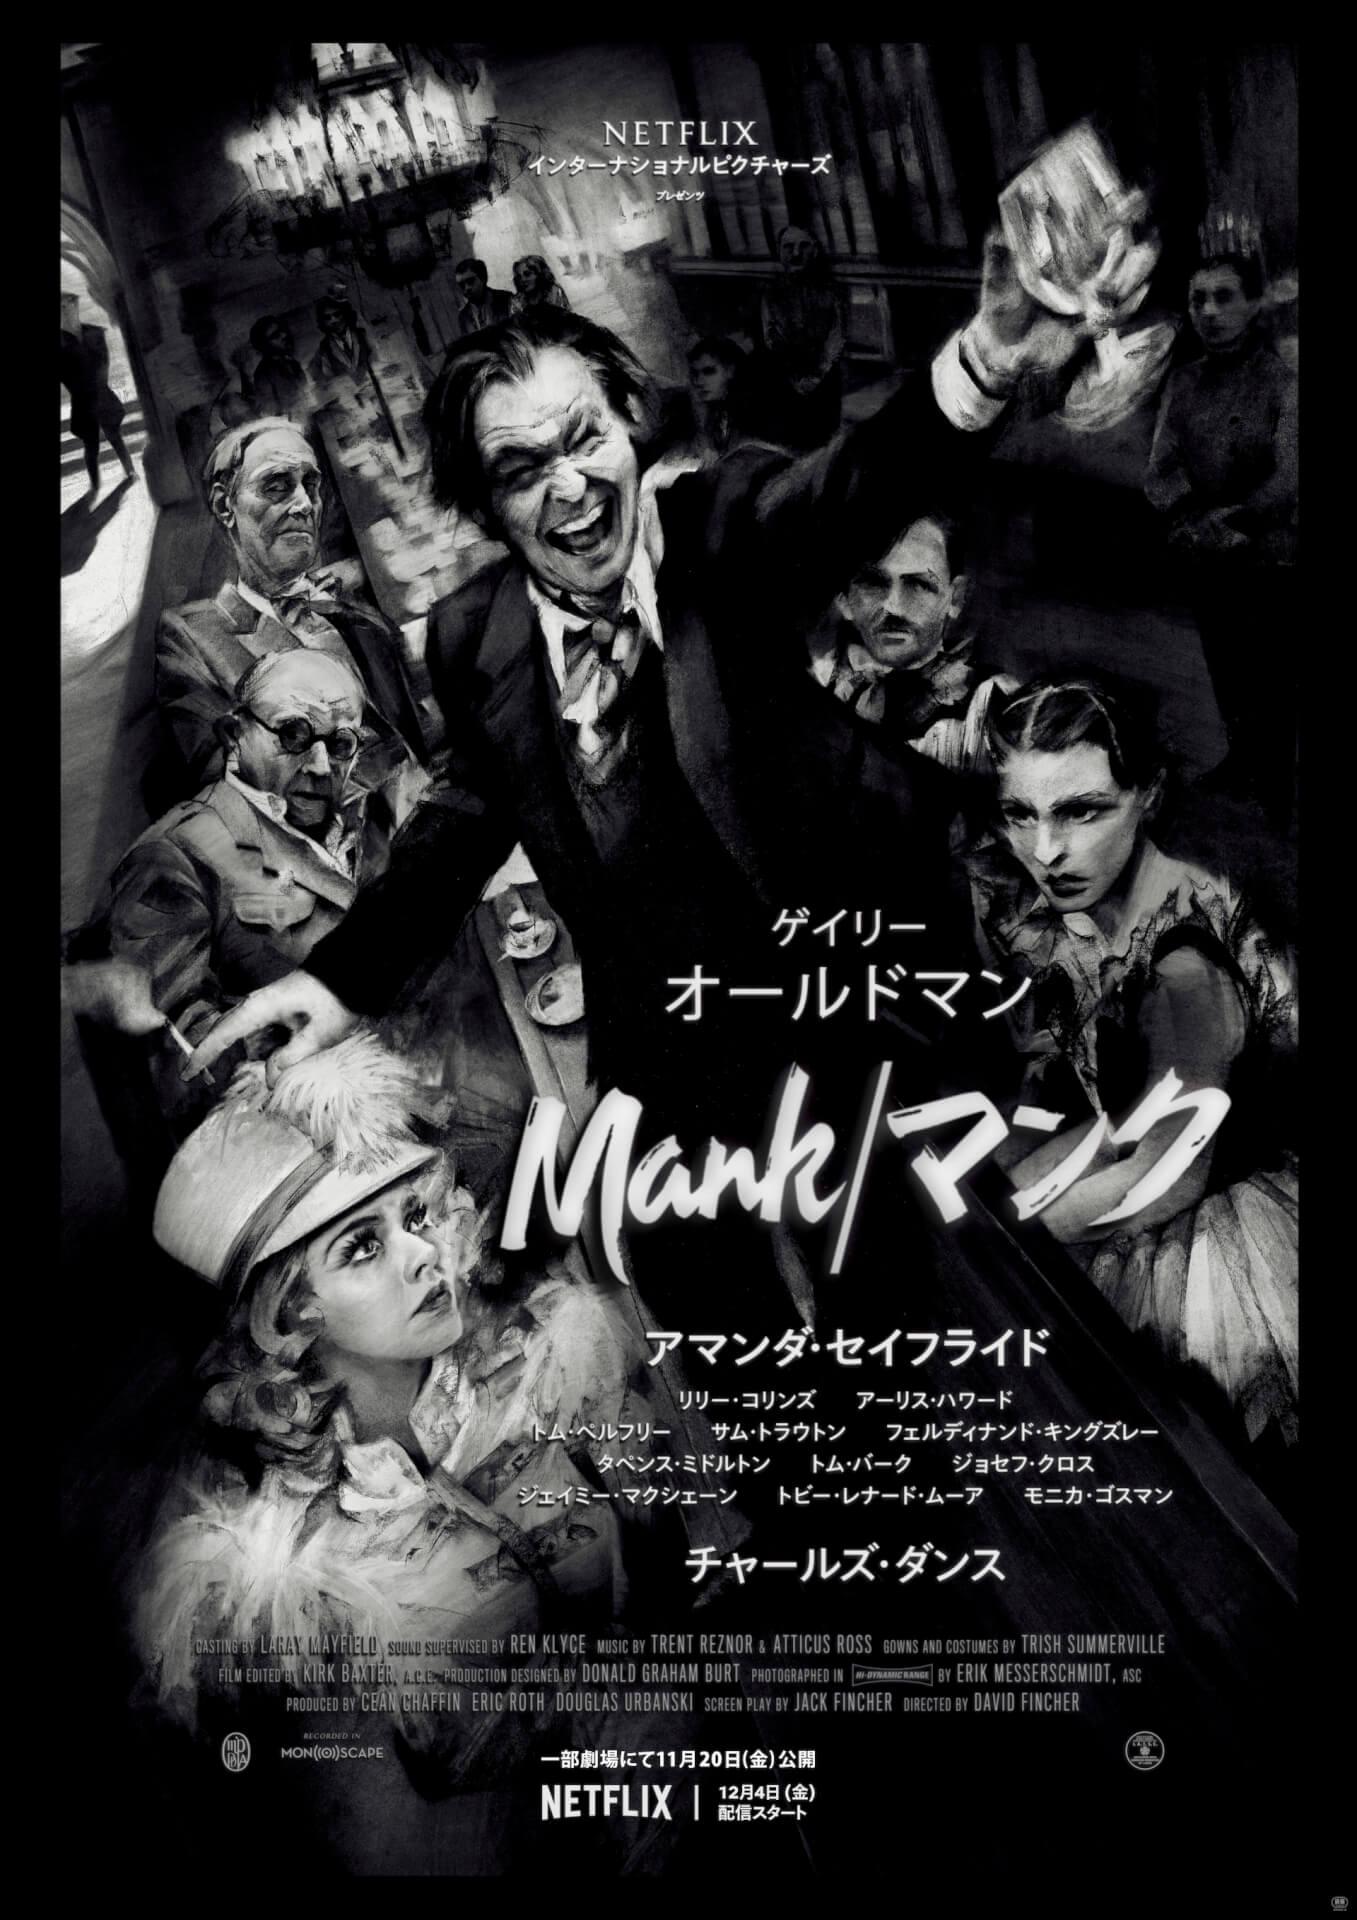 デヴィッド・フィンチャー×ゲイリー・オールドマンで注目のNetflix『Mank/マンク』が全国各地の映画館で上映決定!モノクロで統一された場面写真も解禁 film201104_mank_7